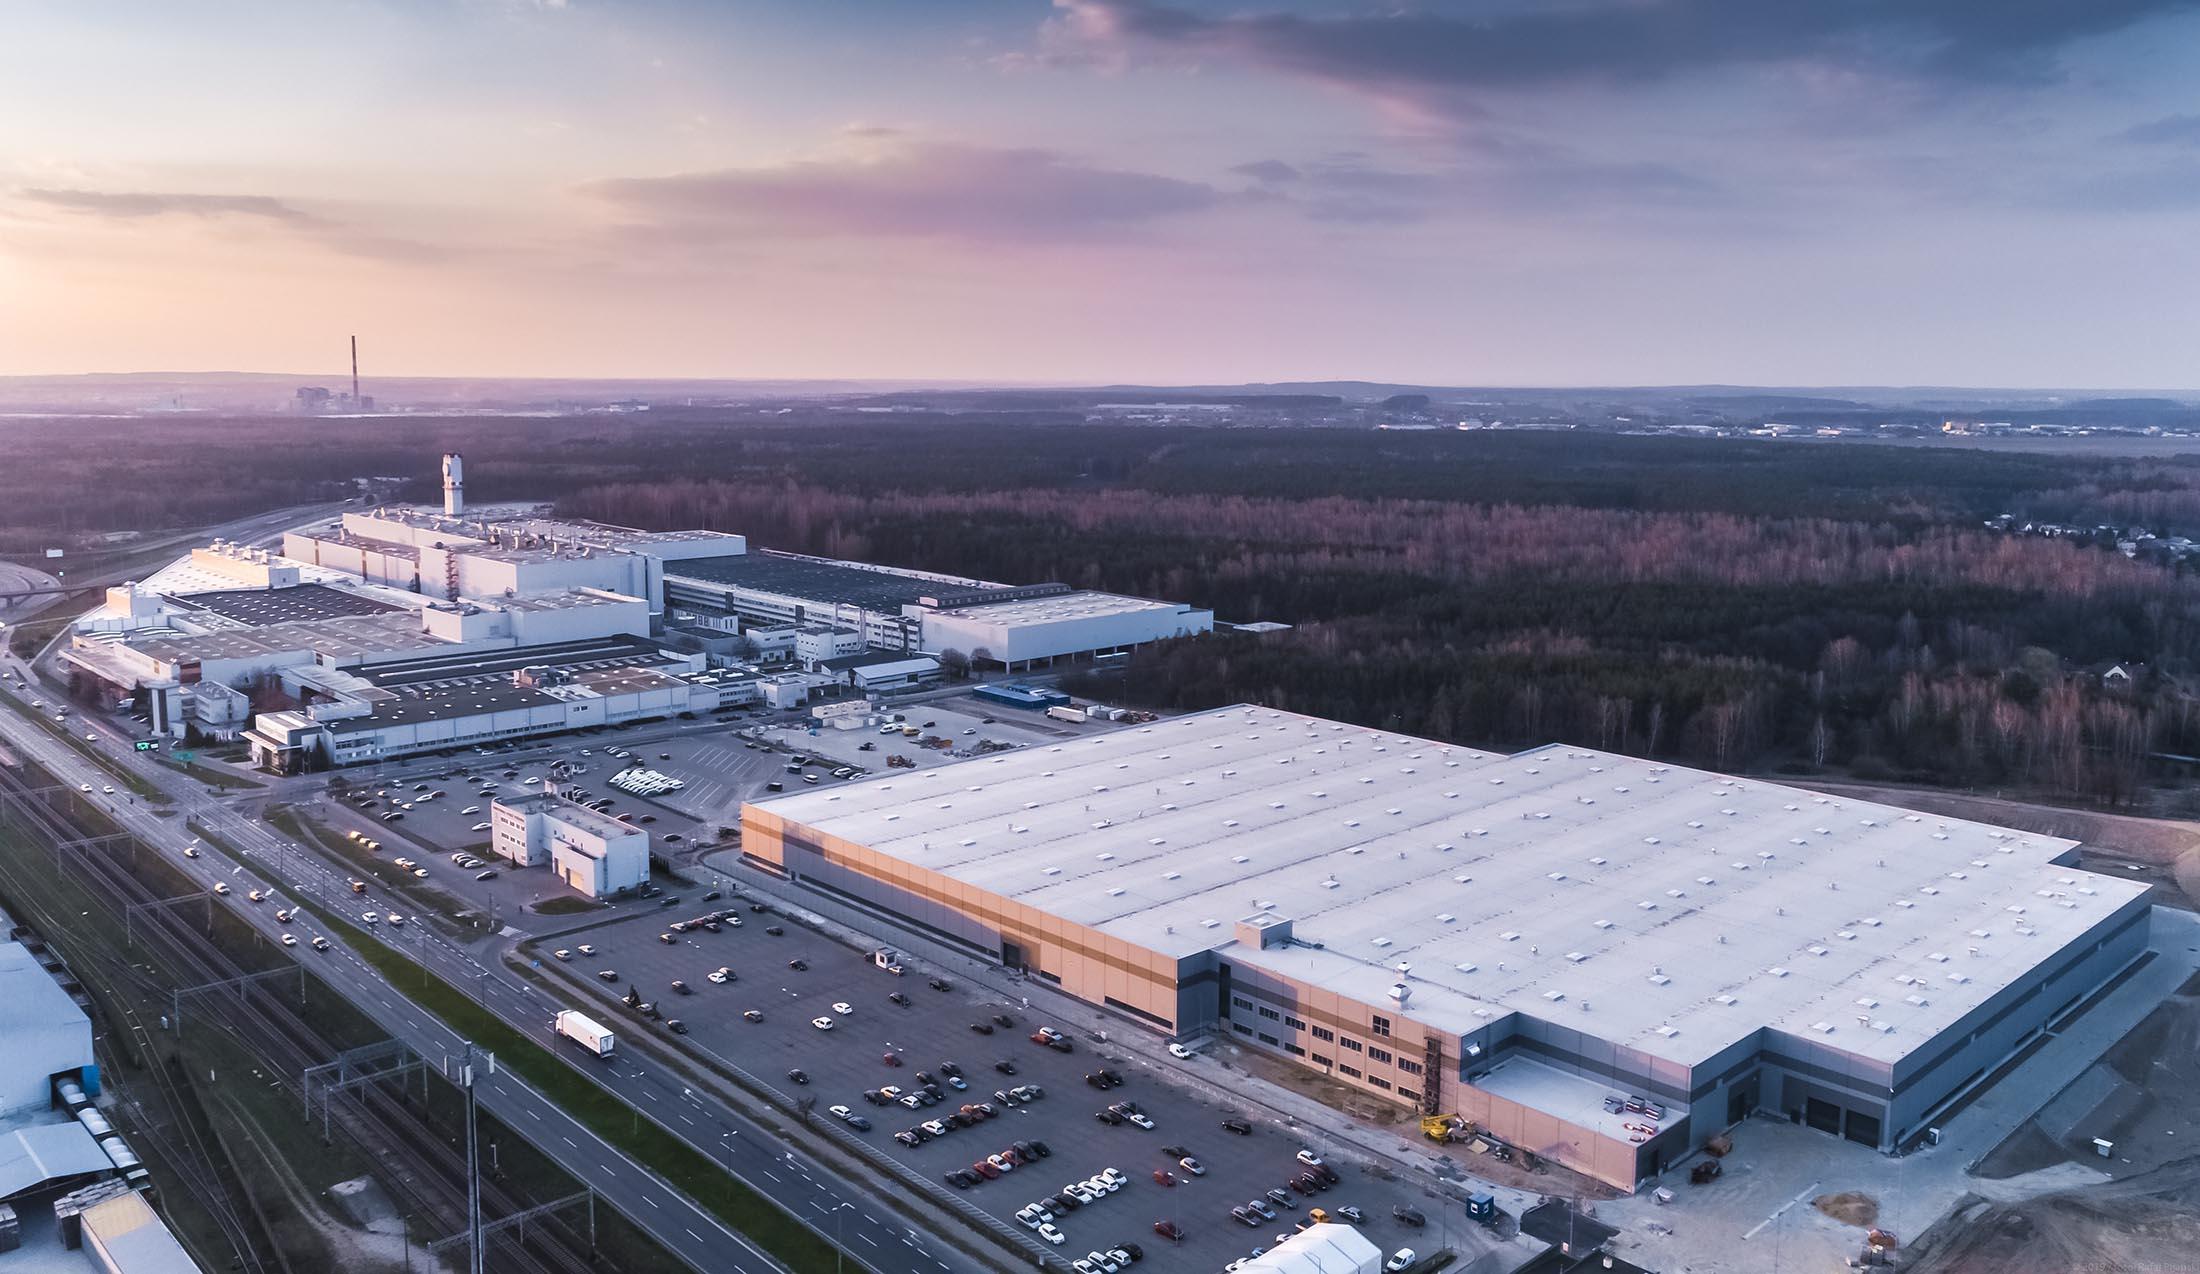 Opisywane porozumienie emerytalne zostało zarejestrowane przez Komisję Nadzoru Finansowego. (fot. Volkswagen Poznań/materiały prasowe)